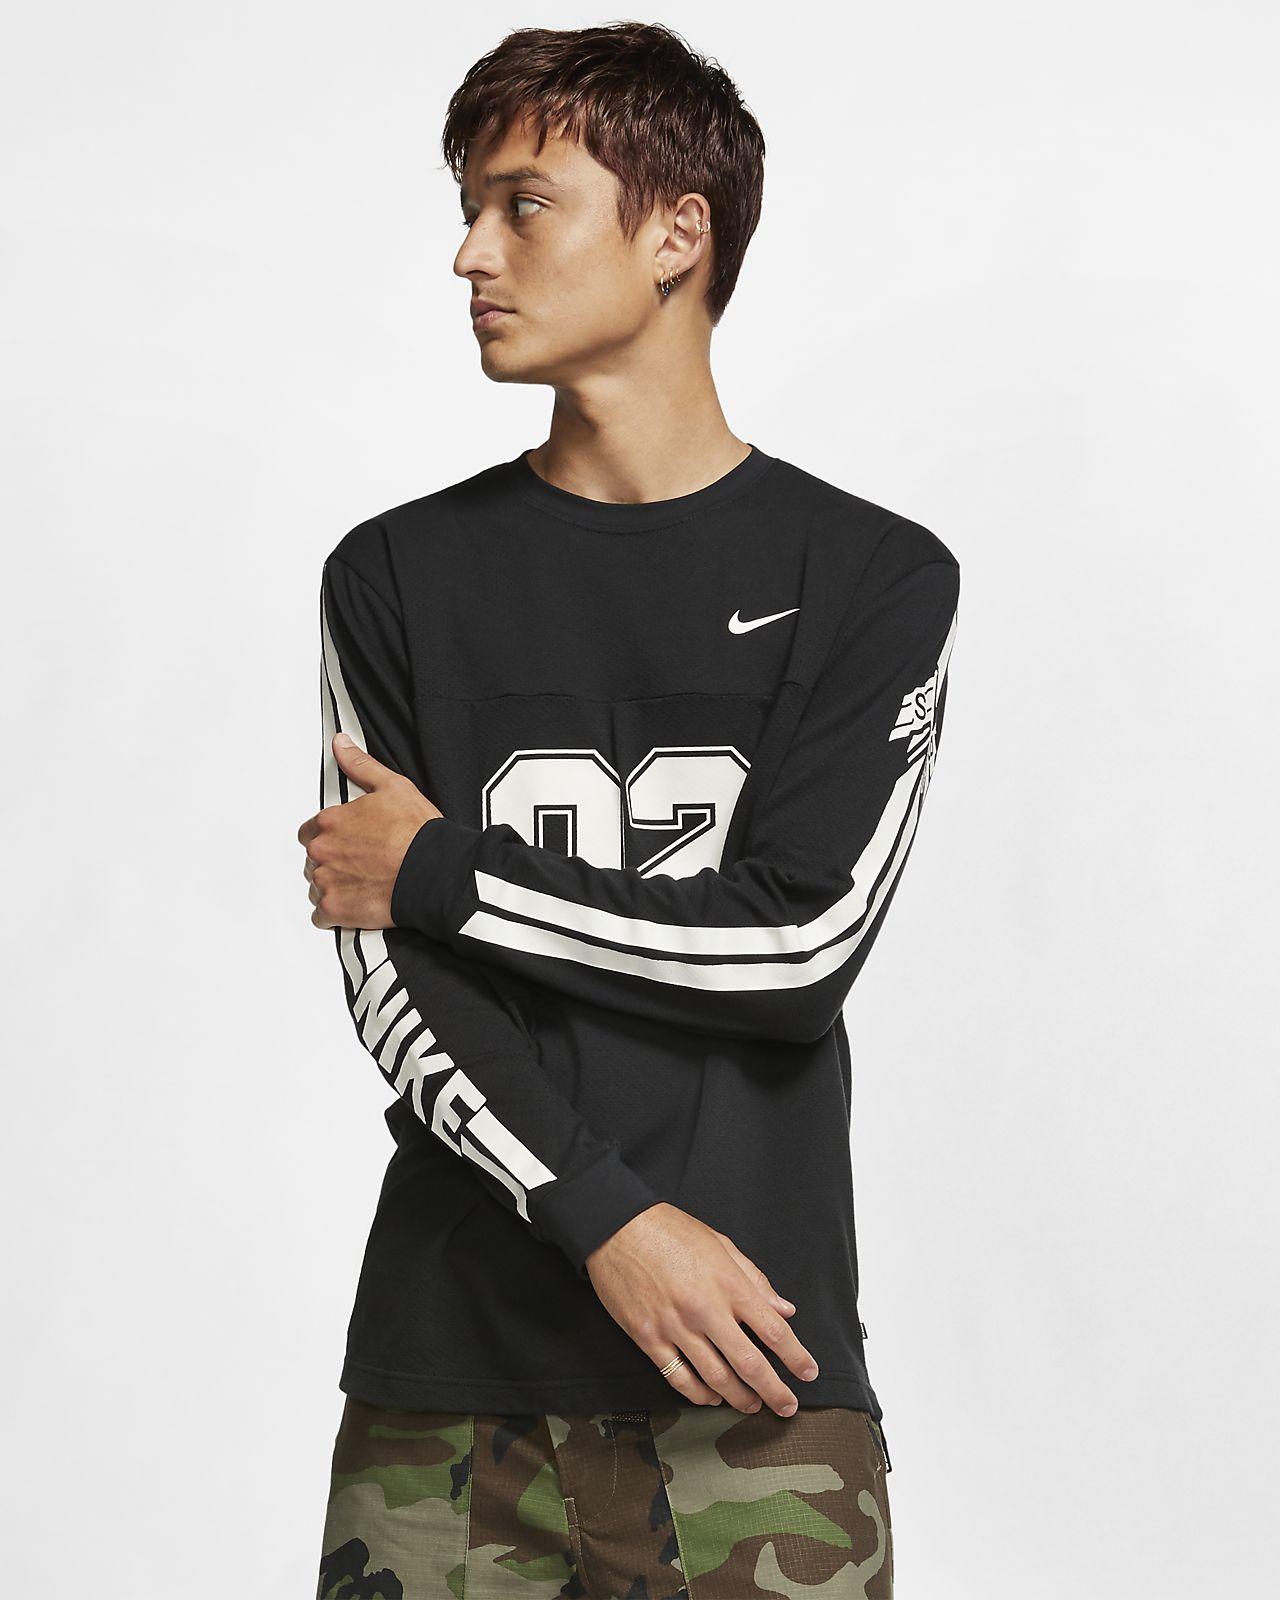 Camisola de skateboard de manga comprida em malha Nike SB para homem